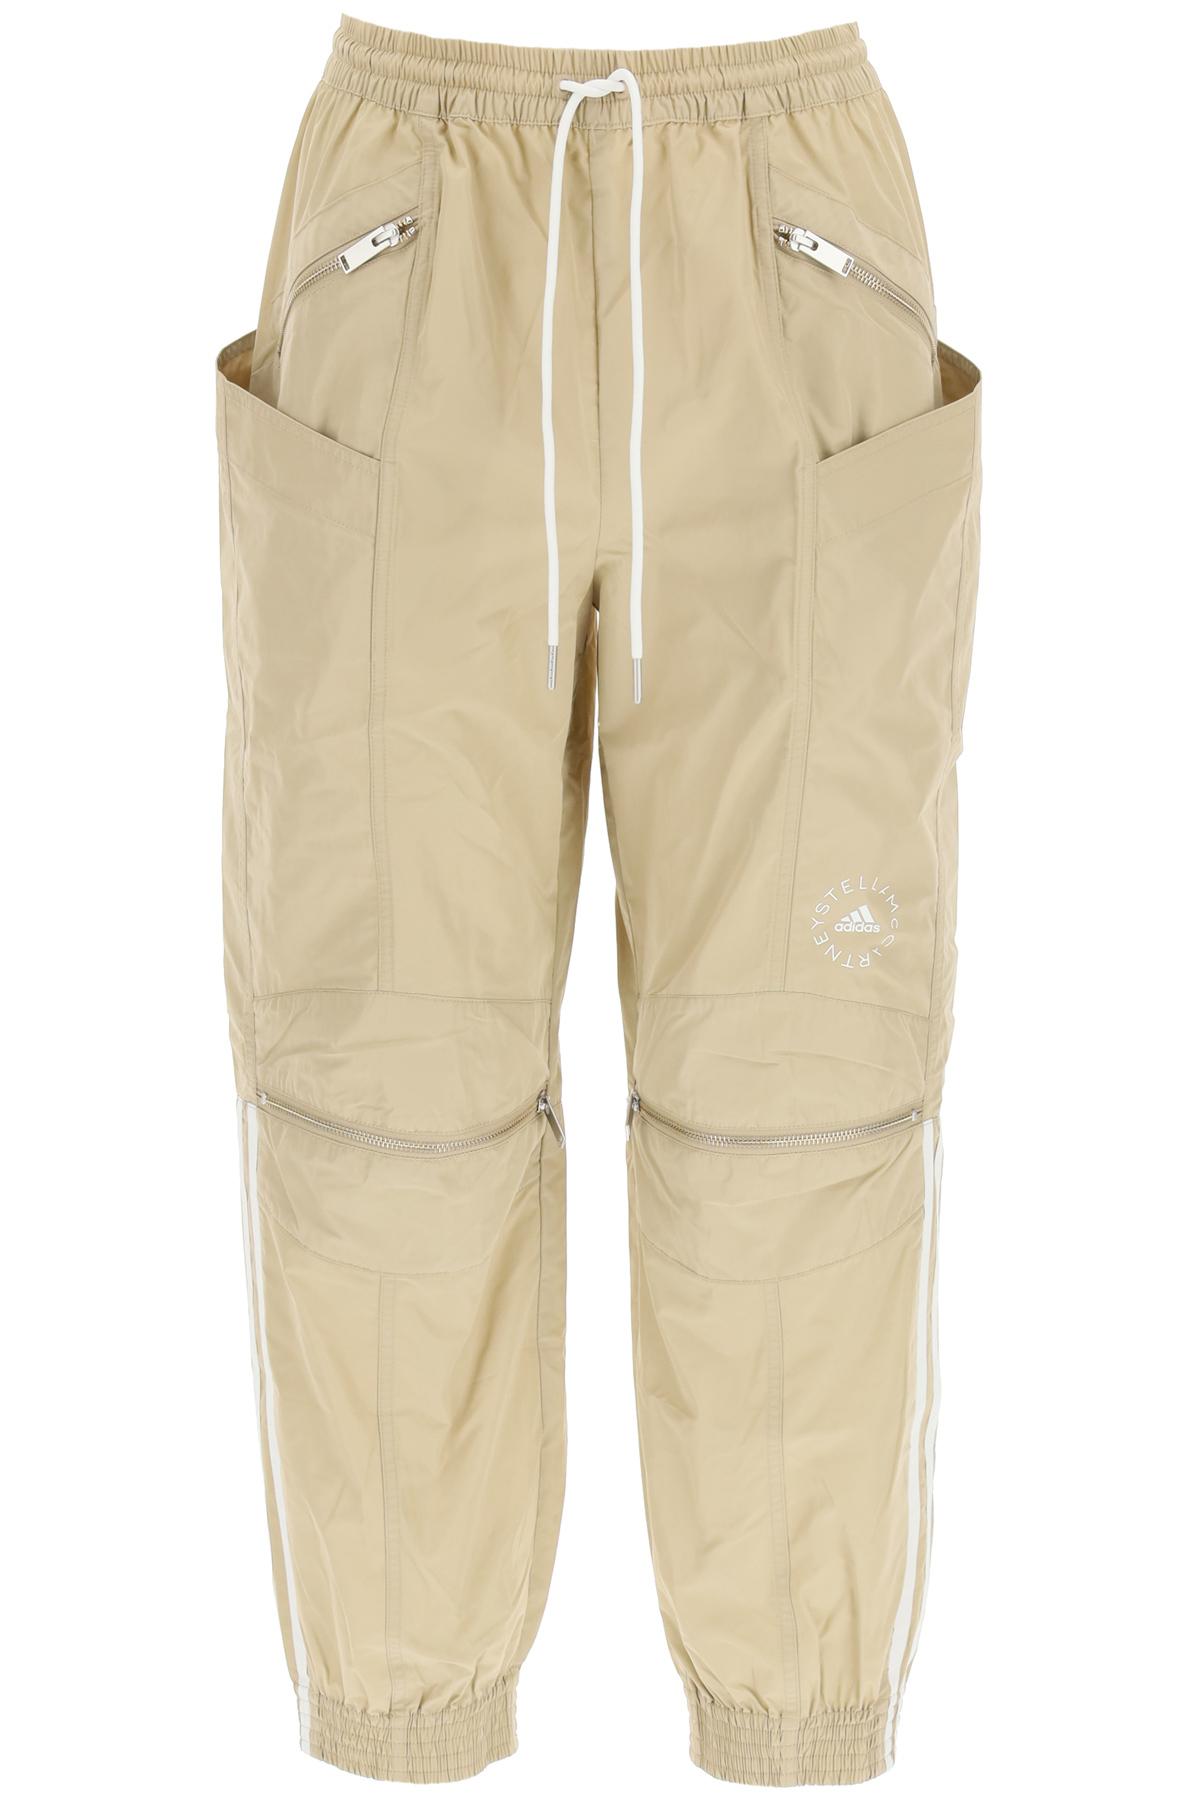 Stella mccartney pantaloni june x adidas